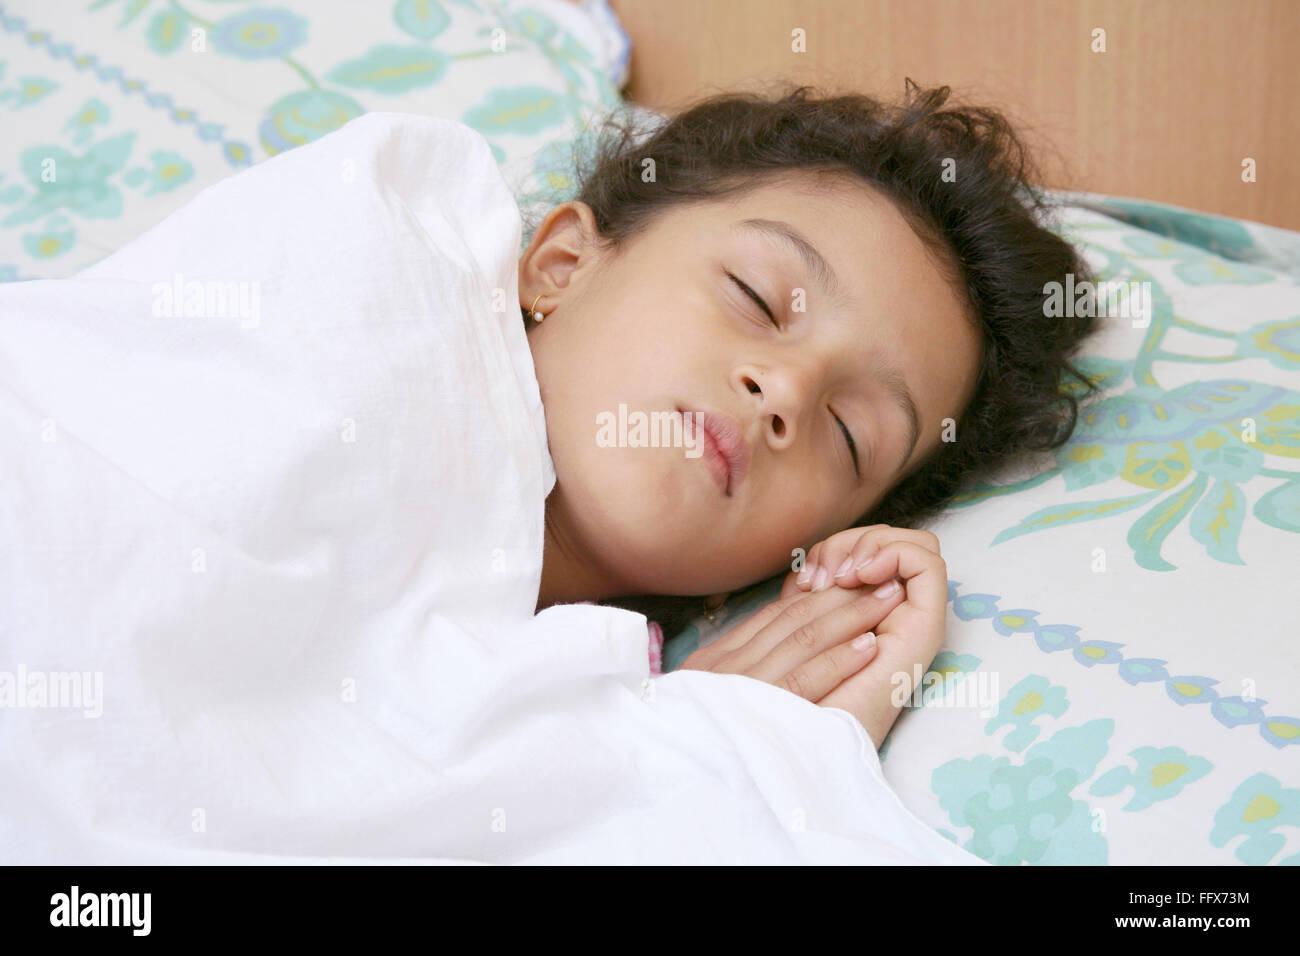 Piccola bambina di 6 anni che dorme tranquillamente sul letto che copre il suo corpo con lenzuolo bianco signor Immagini Stock